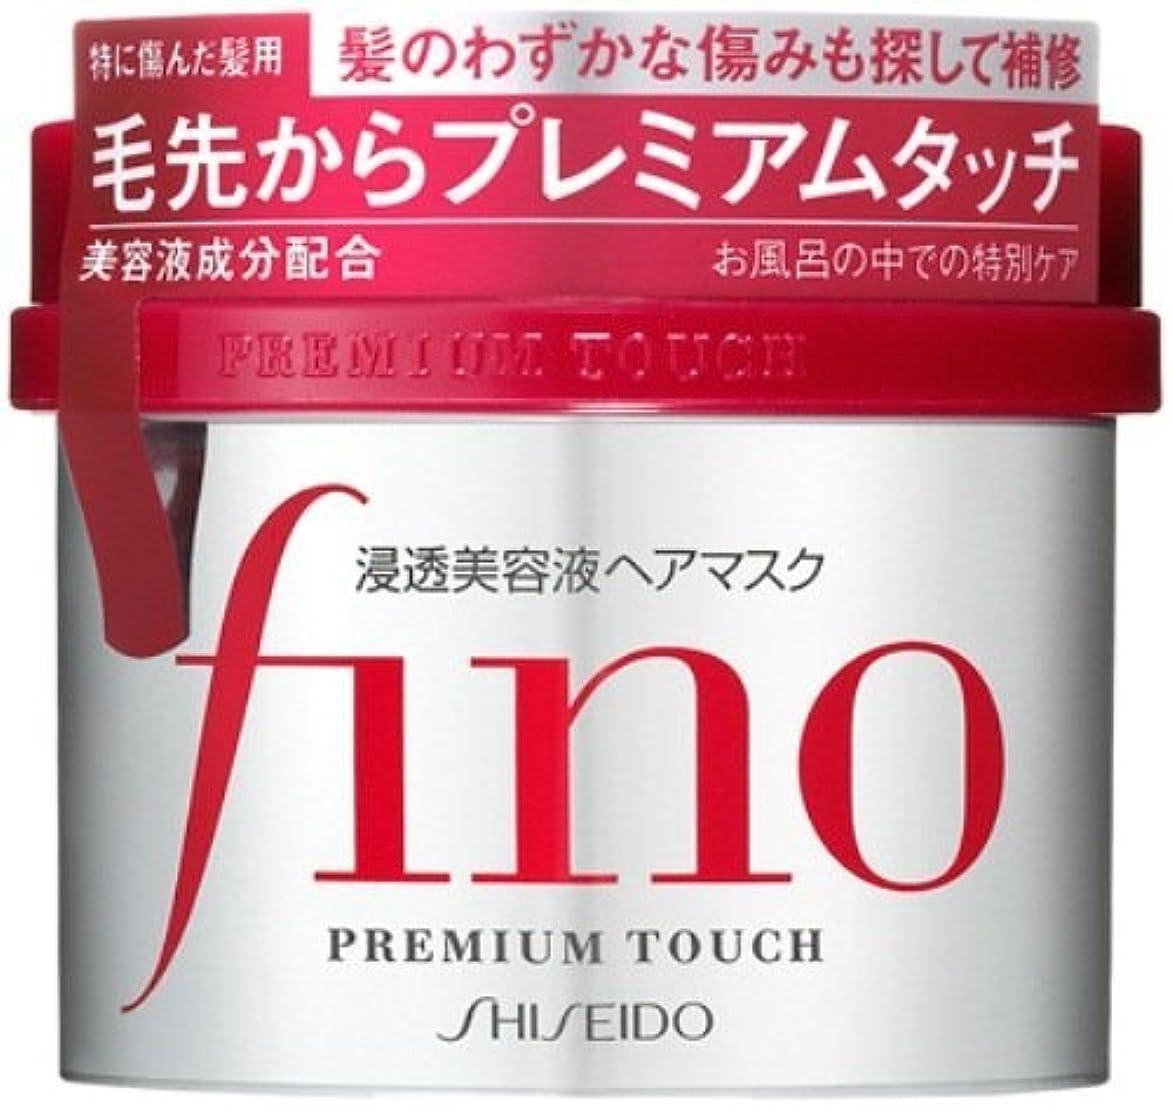 熟すソブリケット山フィーノ浸透美容液ヘアマスク230G × 10個セット